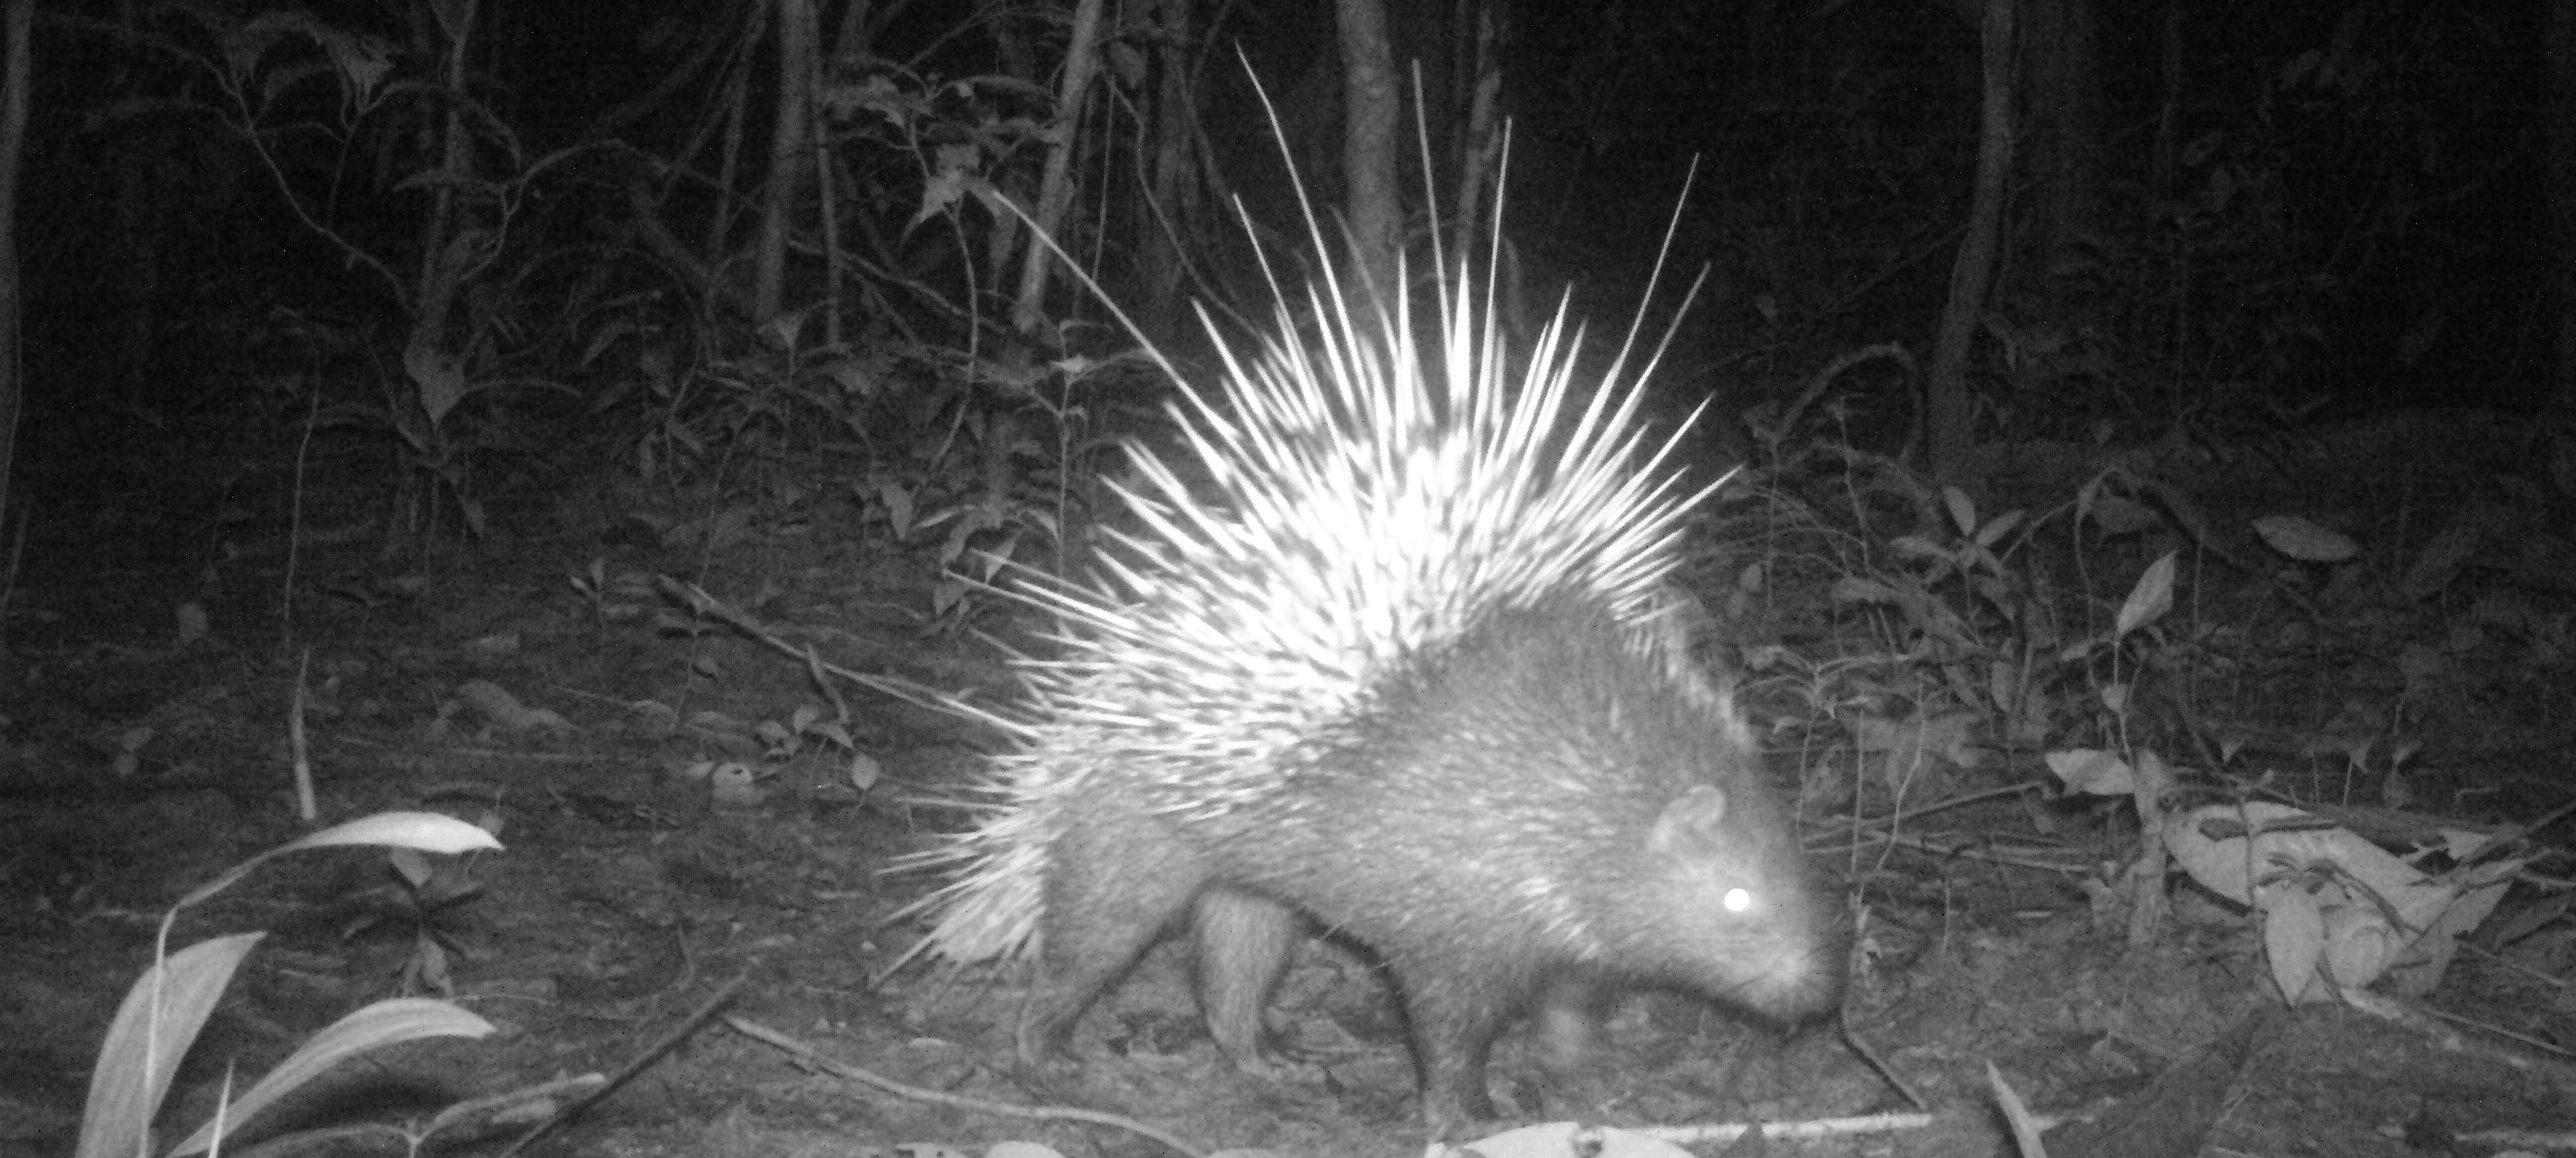 Ulu Muda porcupine